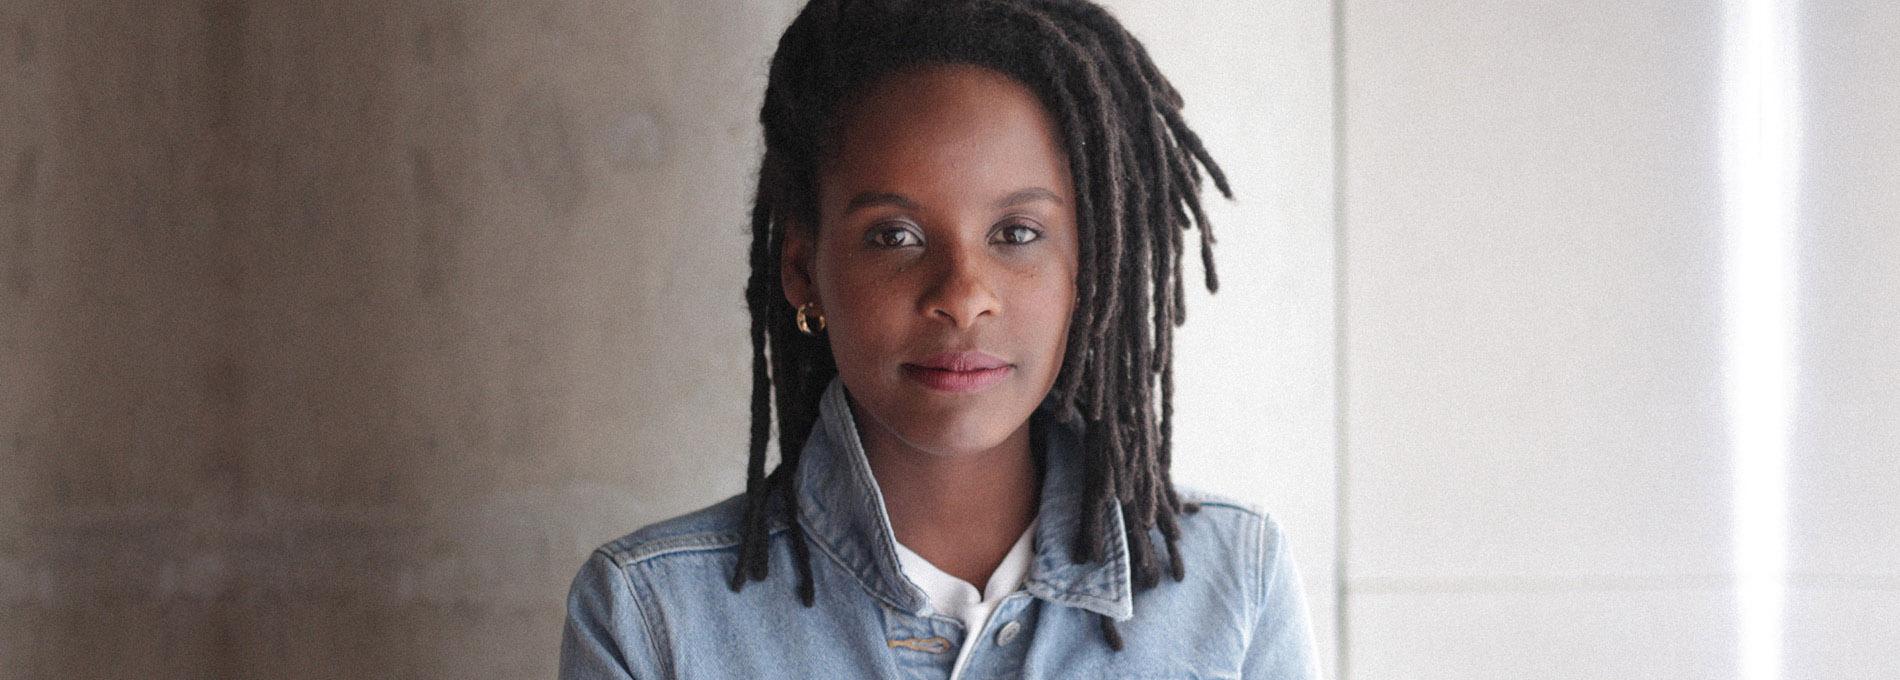 Com o Na Prosa, Monique Evelle quer ser cada vez mais real